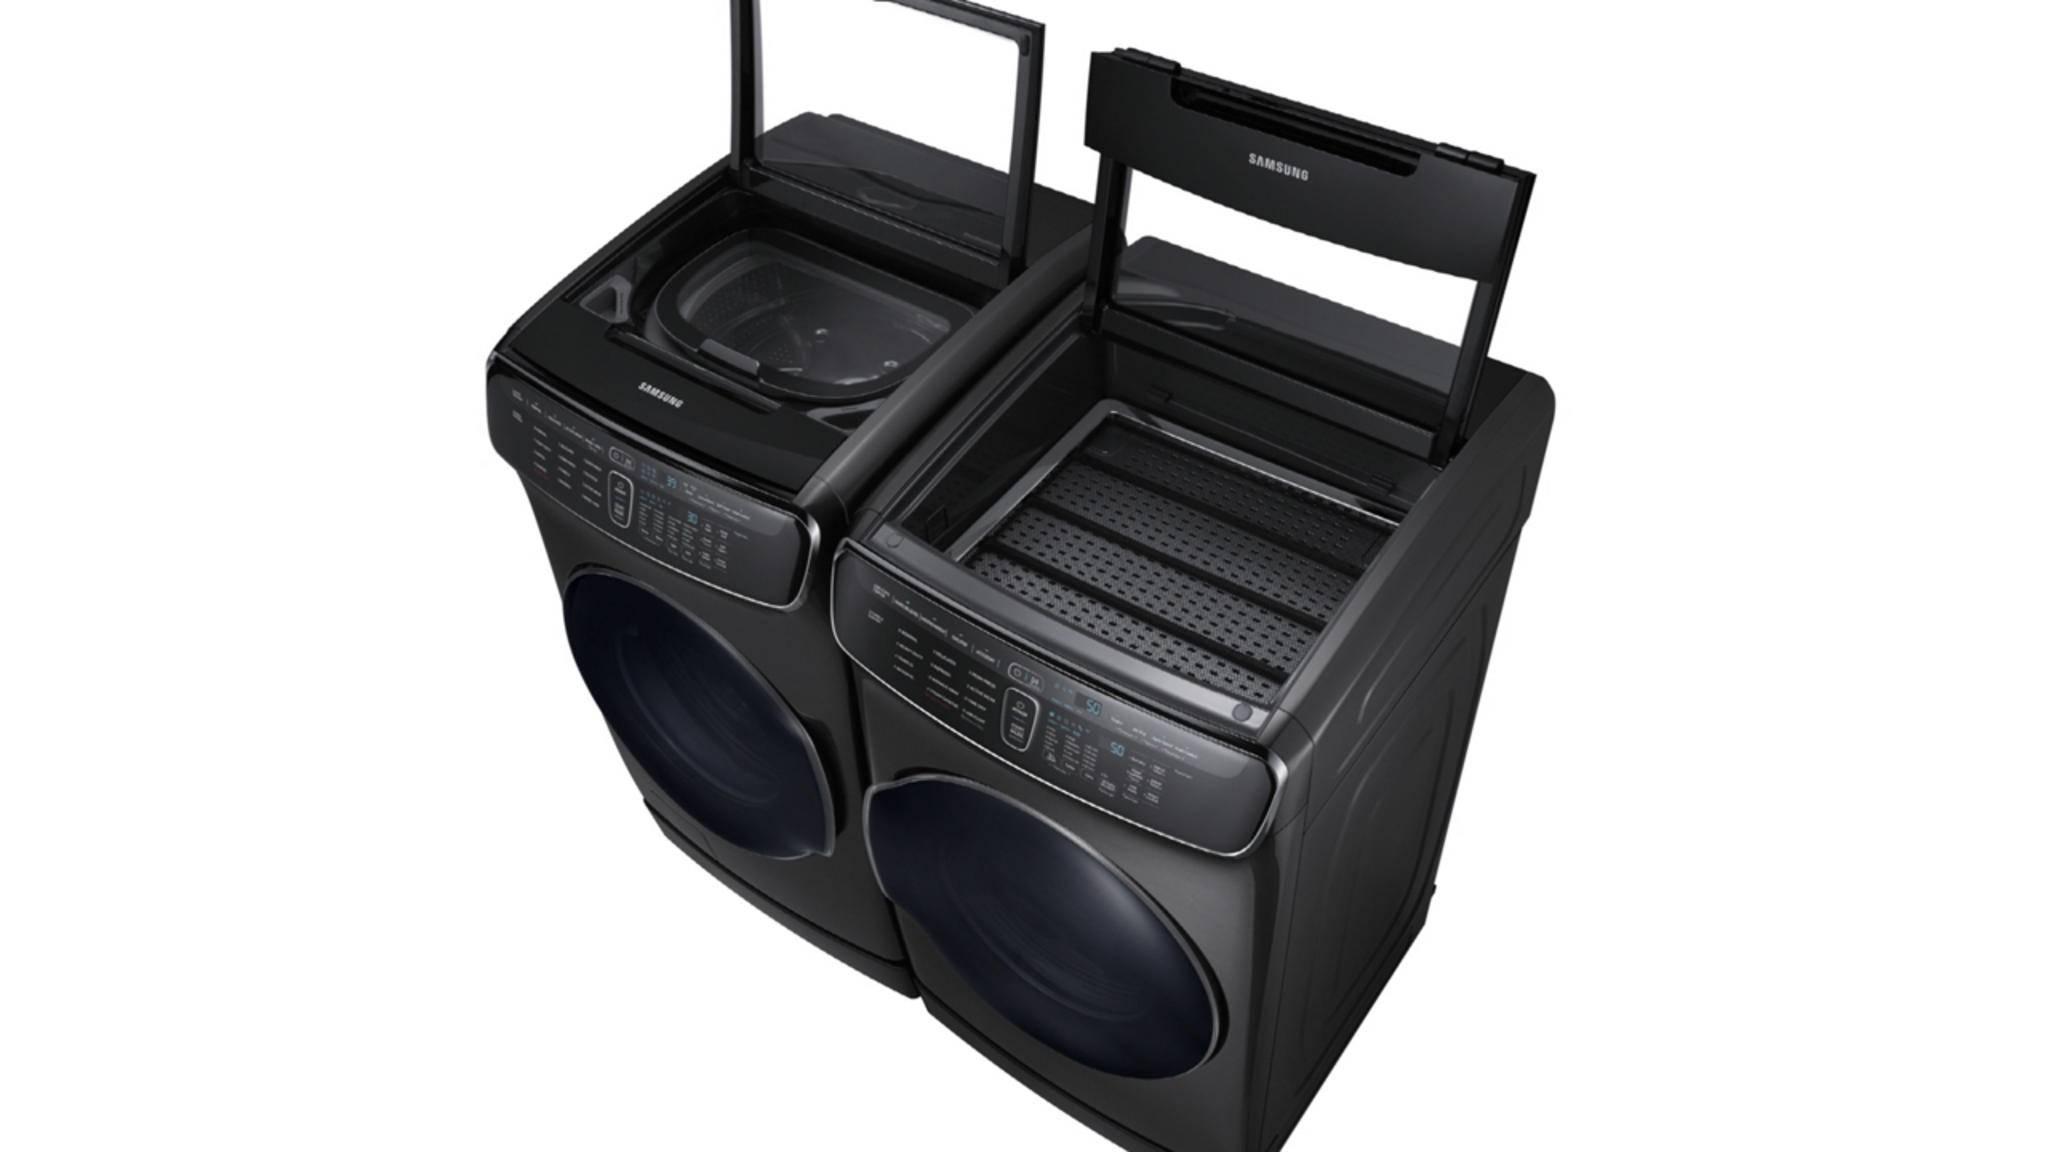 Sauberes Duo: Samsungs neue Waschmaschine kann waschen (links) und trocknen (rechts) – jeweils in einem Front- und einem Toploader.